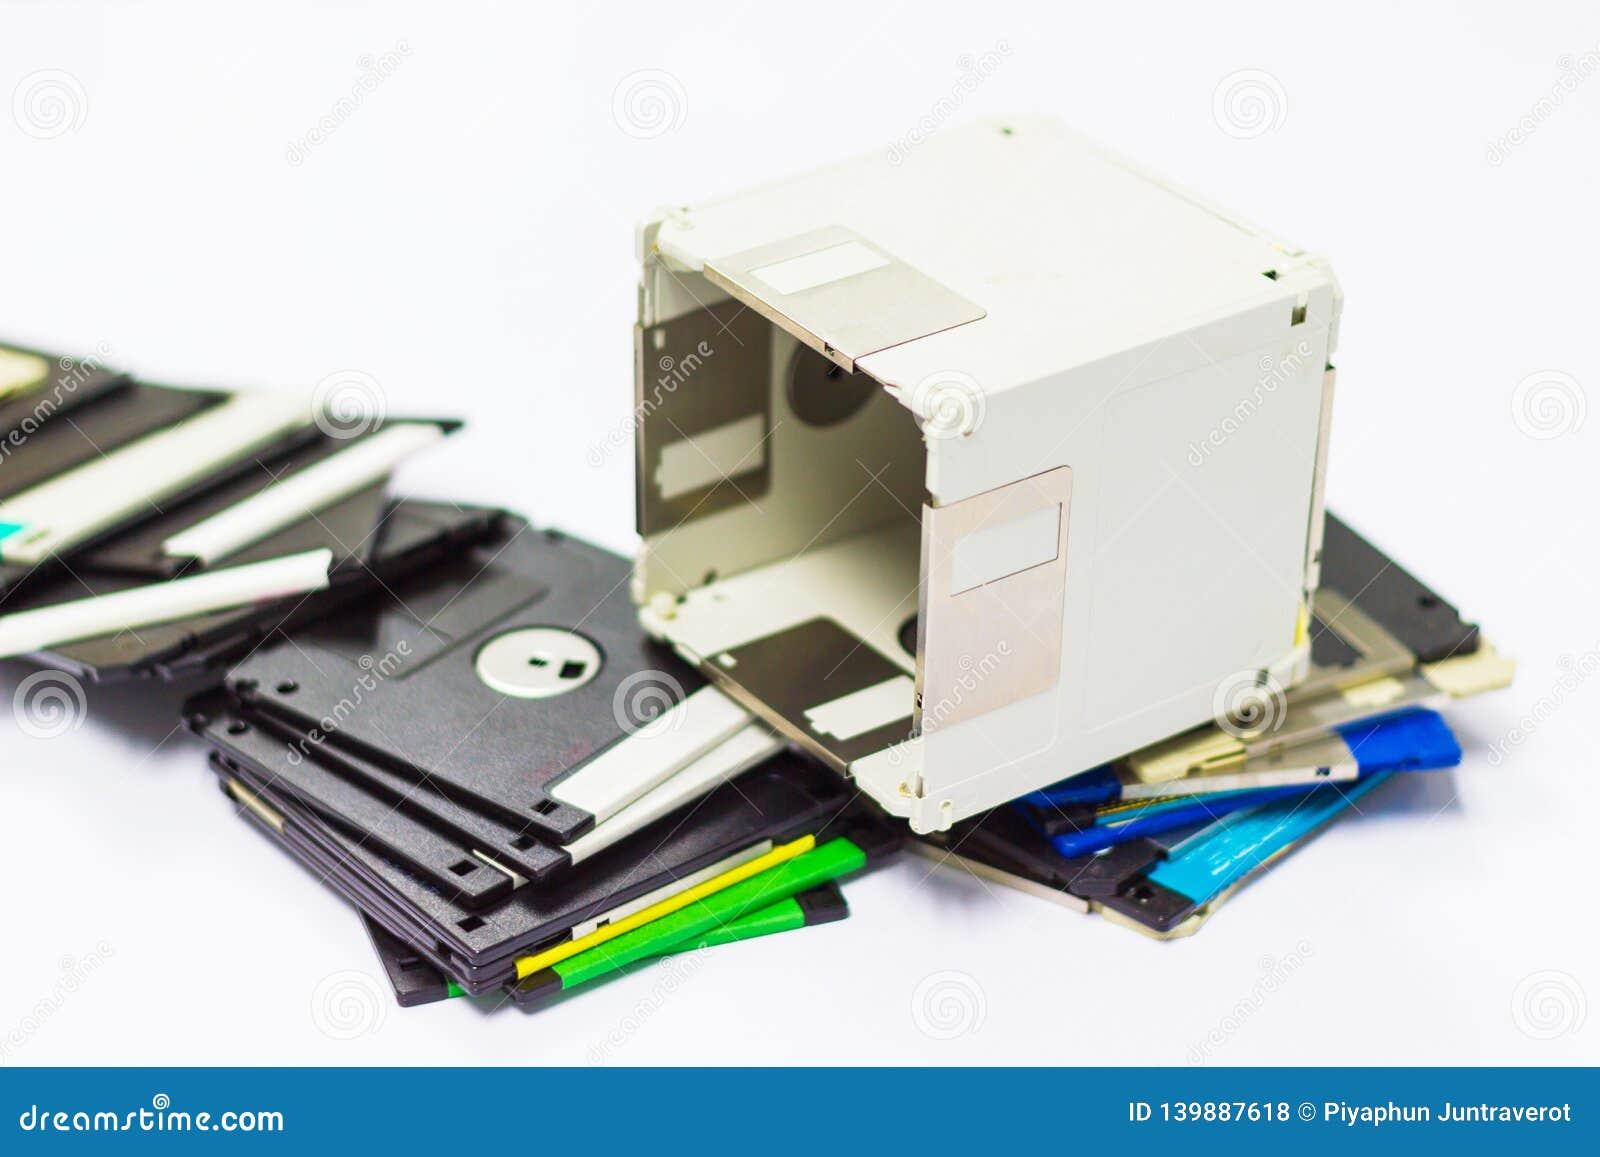 Usi creativi per il floppy disk obsoleto